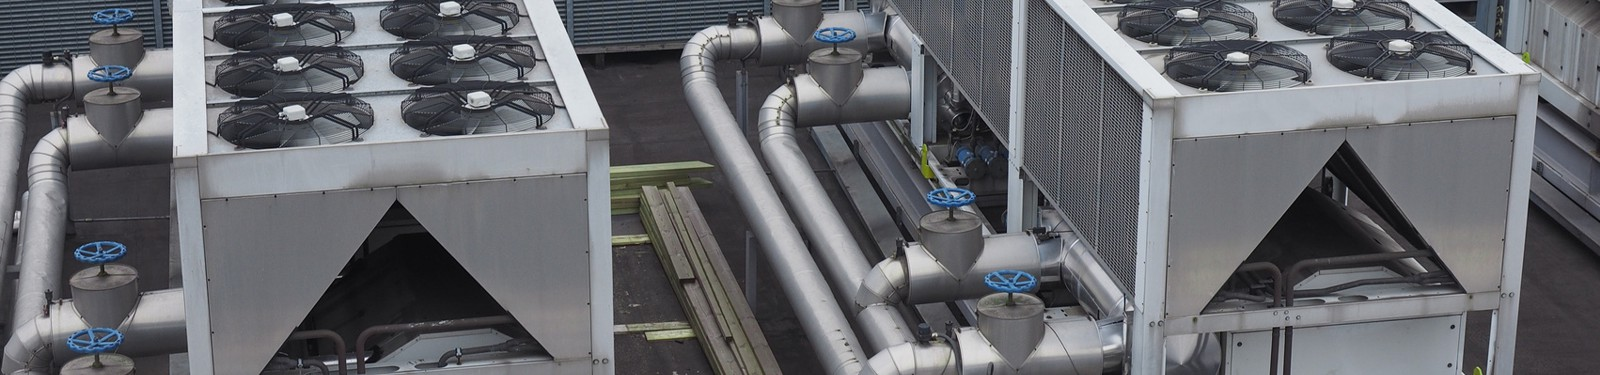 VDI 2047 Hygieneinspektion Kühlwasser